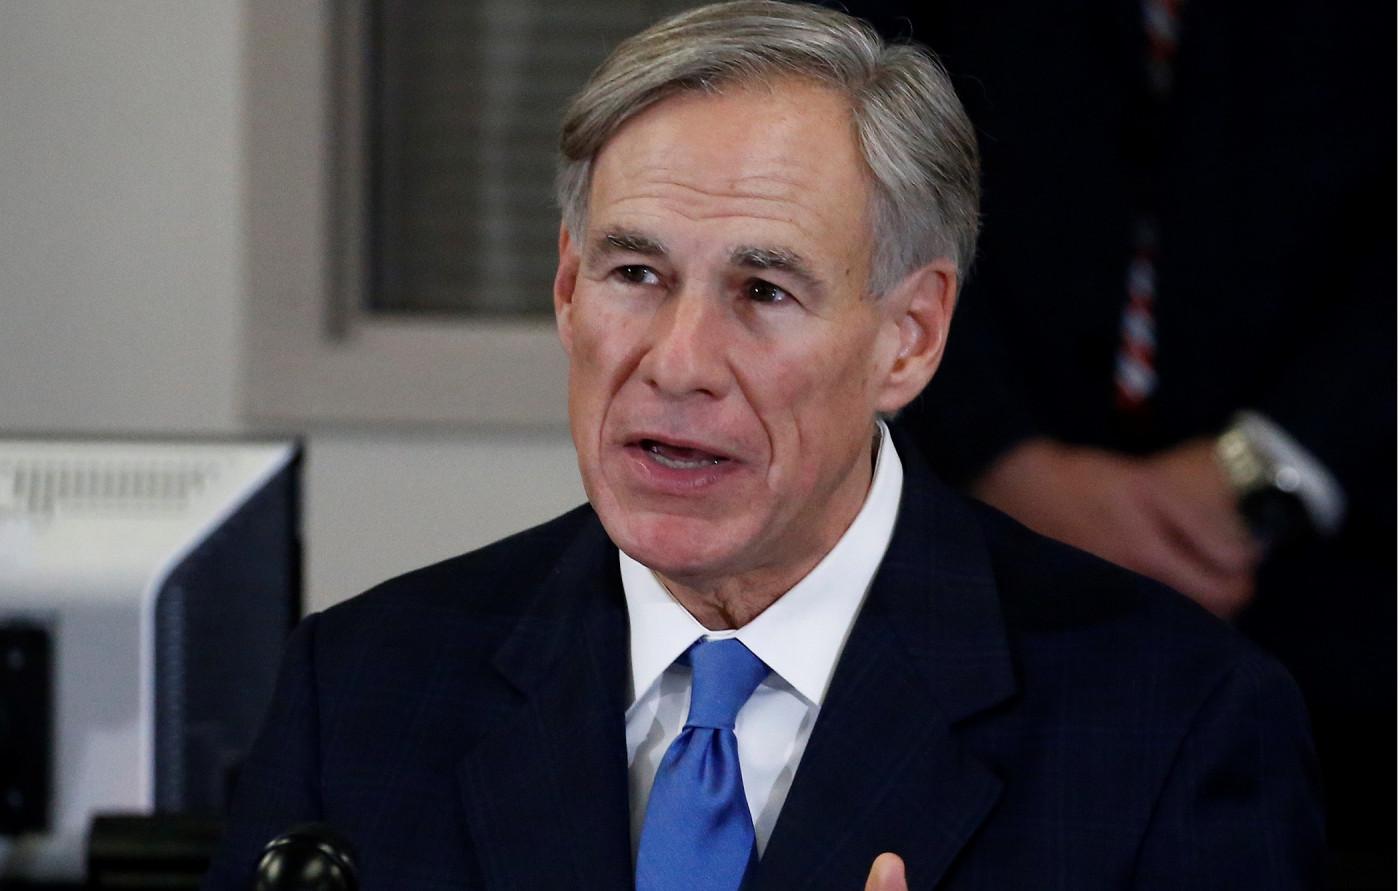 Homem de cabelo grisalho usando terno preto e gravata azul, é possível vê-lo da cintura para cima diante de um fundo desfocado da cor branca